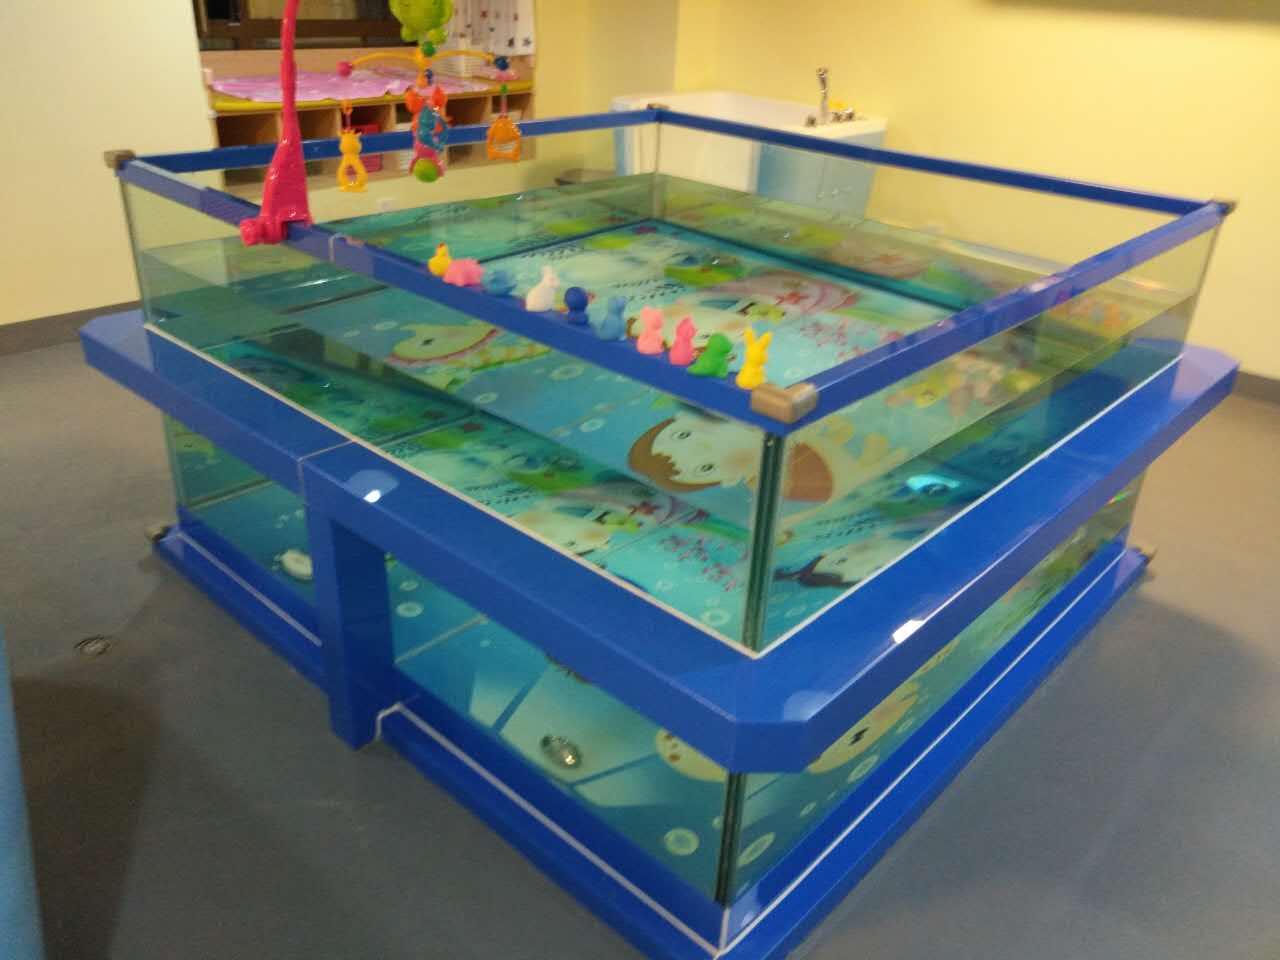 (定制)新款包边方形玻璃游泳池